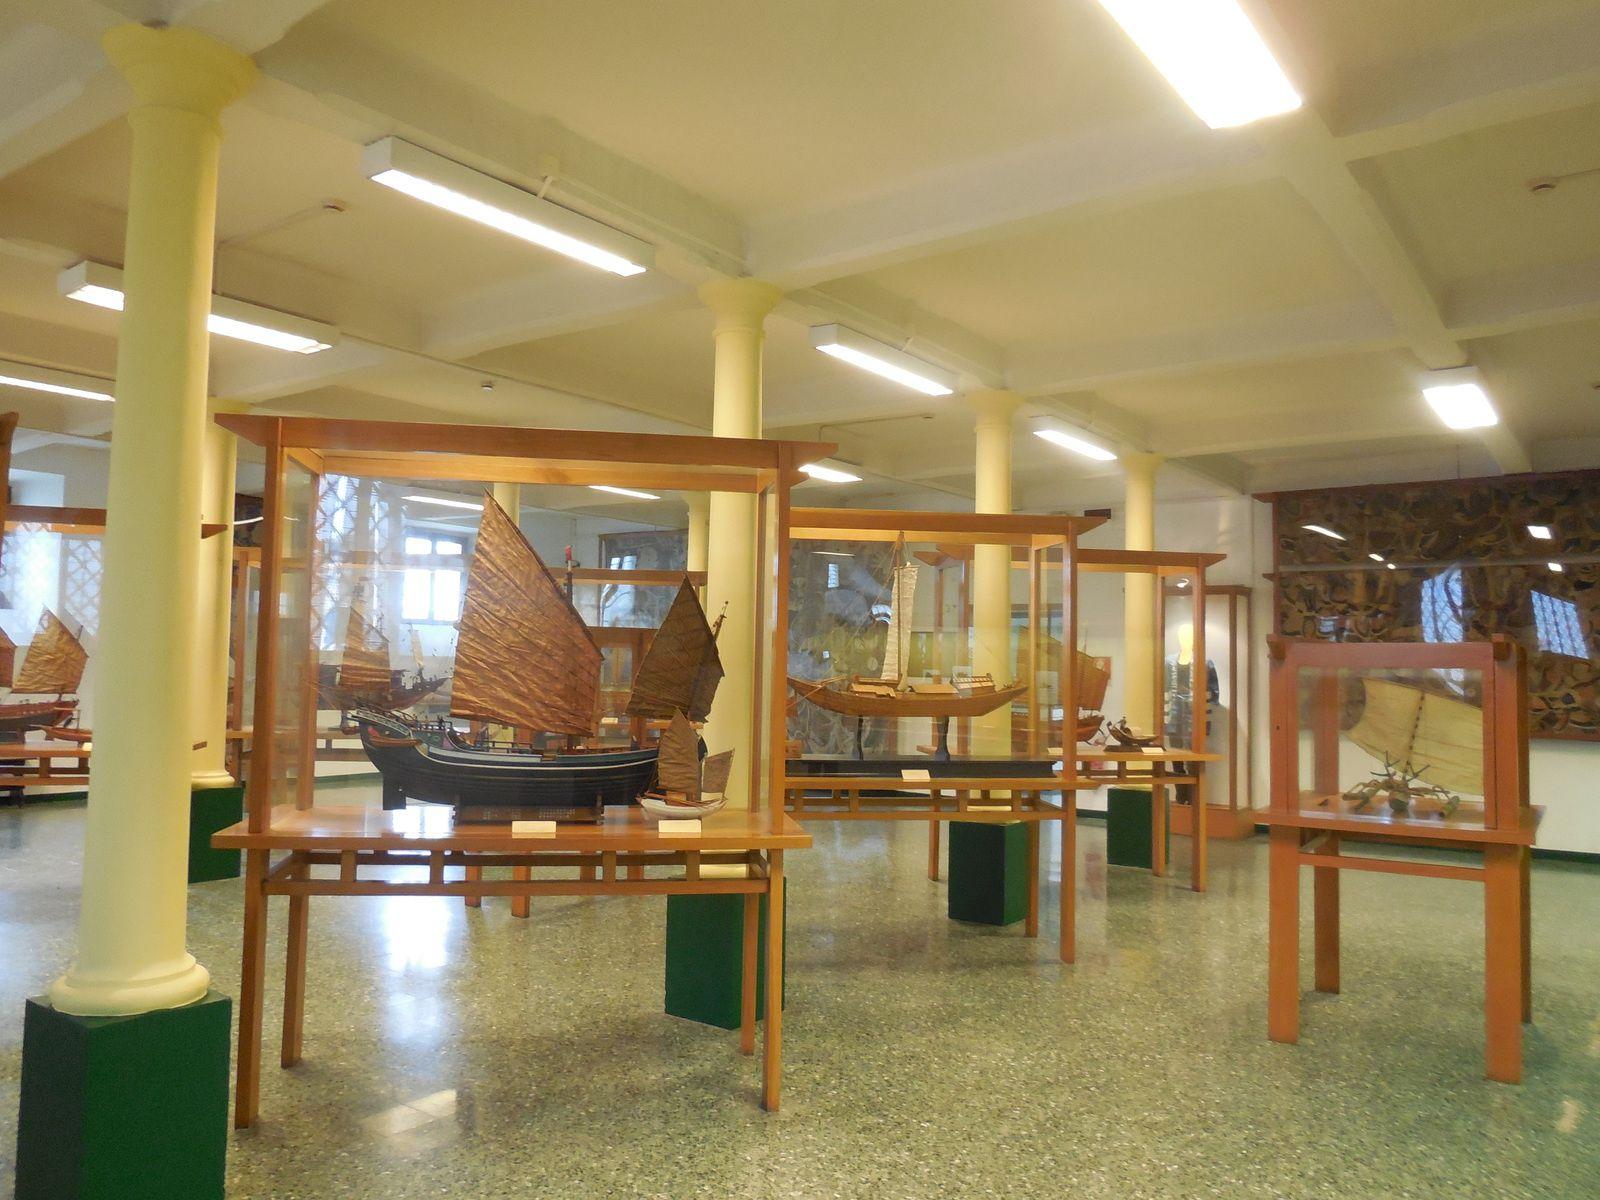 en particulier des jonques orientales et des reliques provenant de Chine.